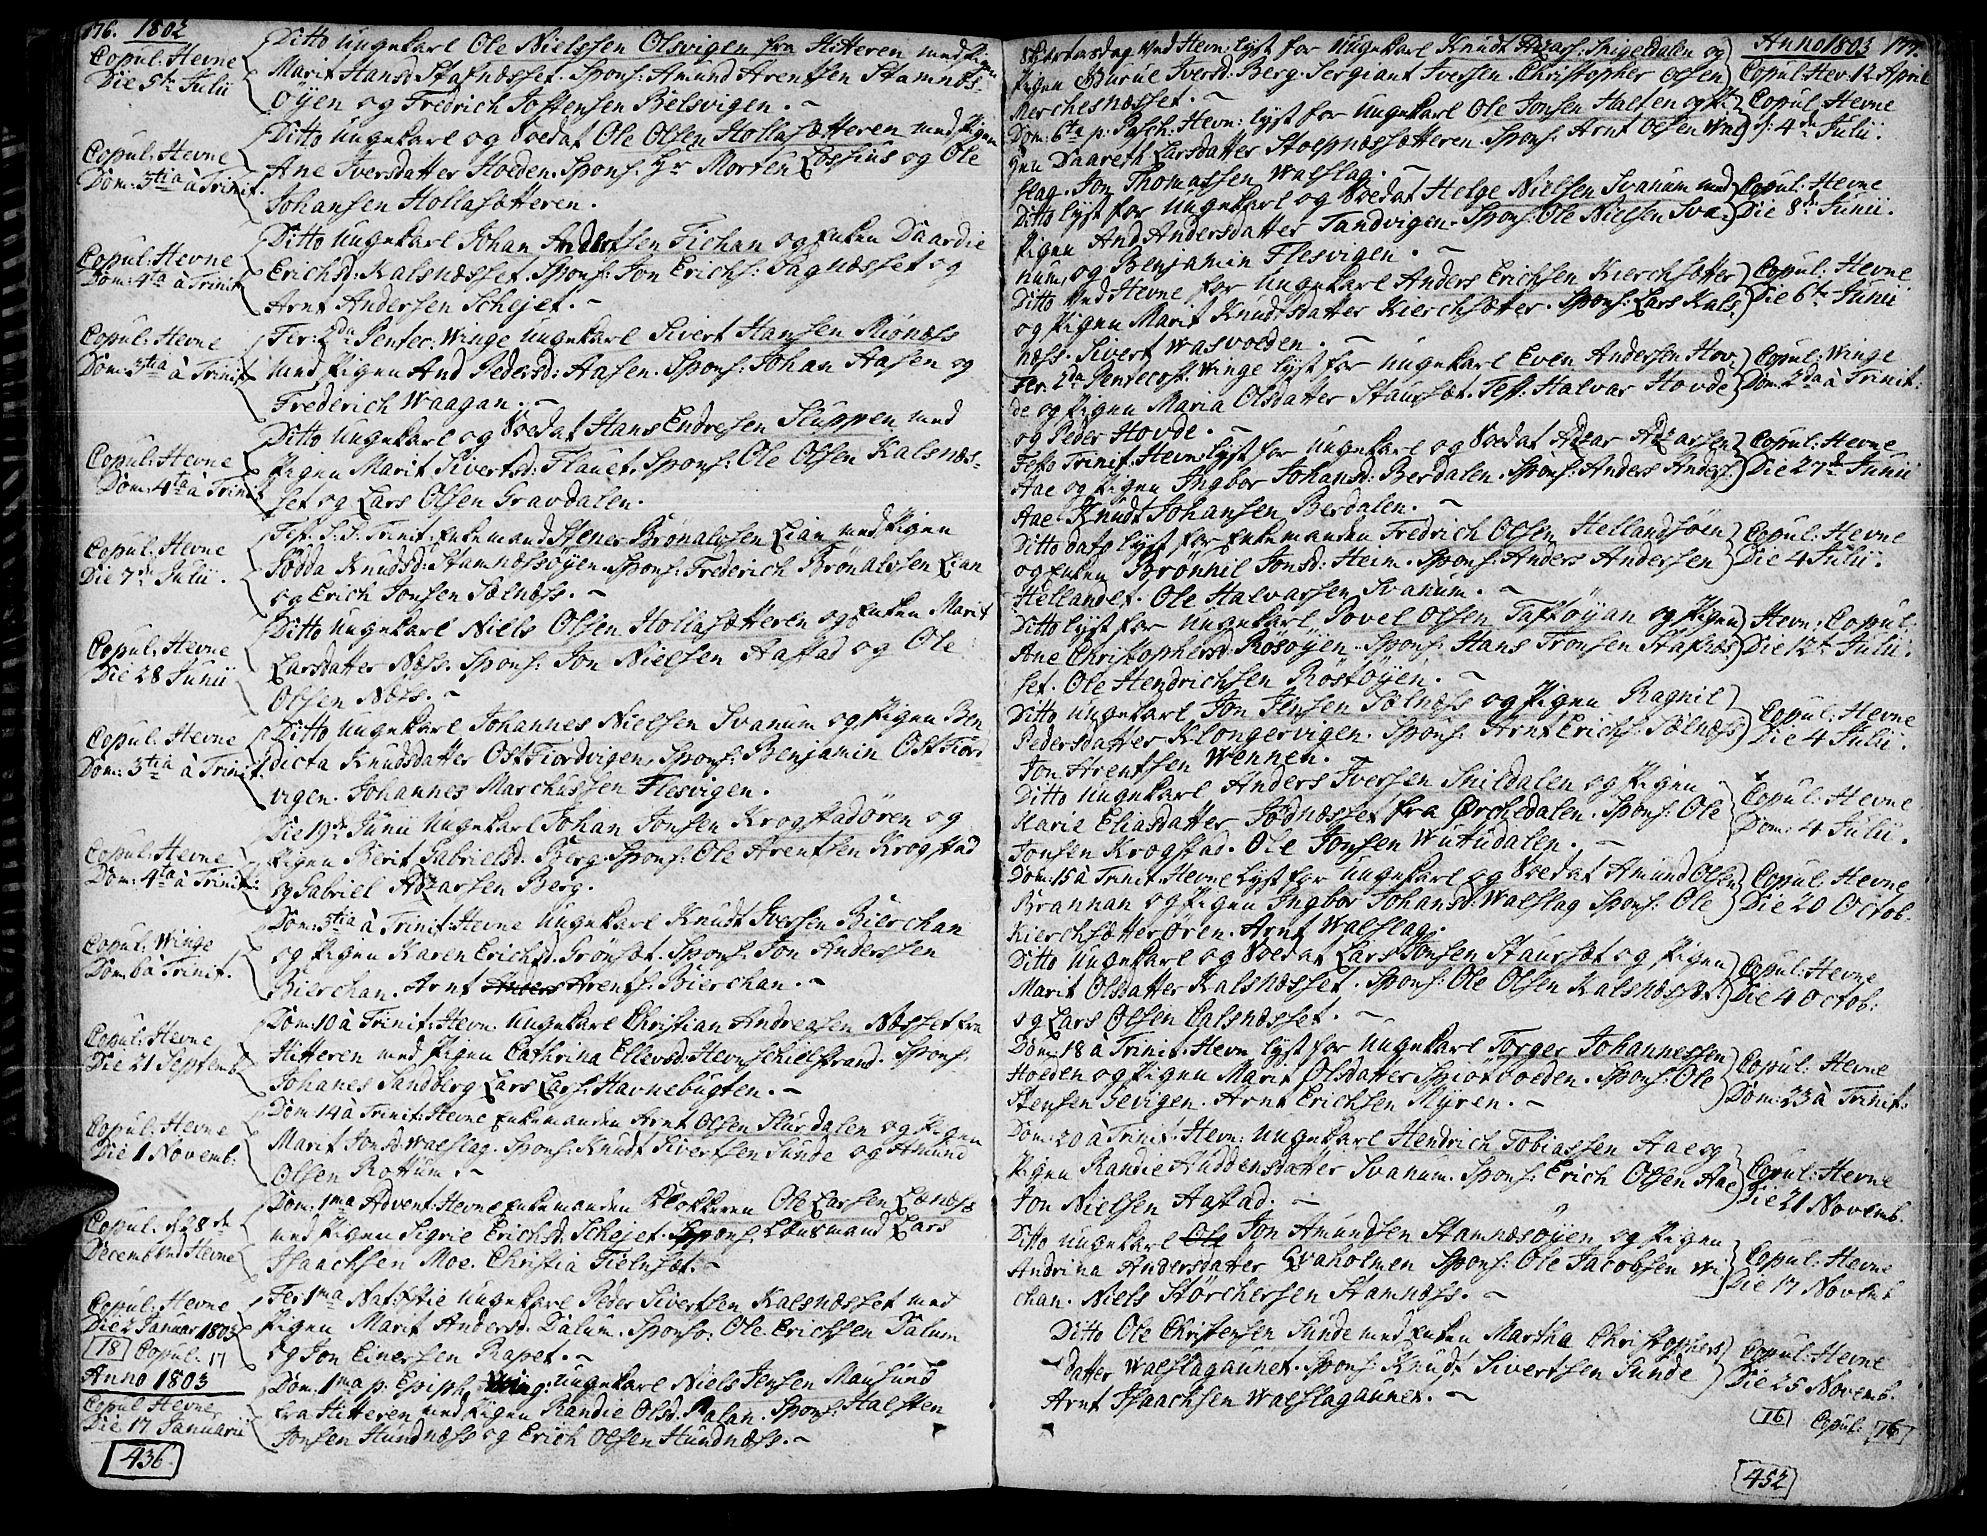 SAT, Ministerialprotokoller, klokkerbøker og fødselsregistre - Sør-Trøndelag, 630/L0490: Ministerialbok nr. 630A03, 1795-1818, s. 176-177